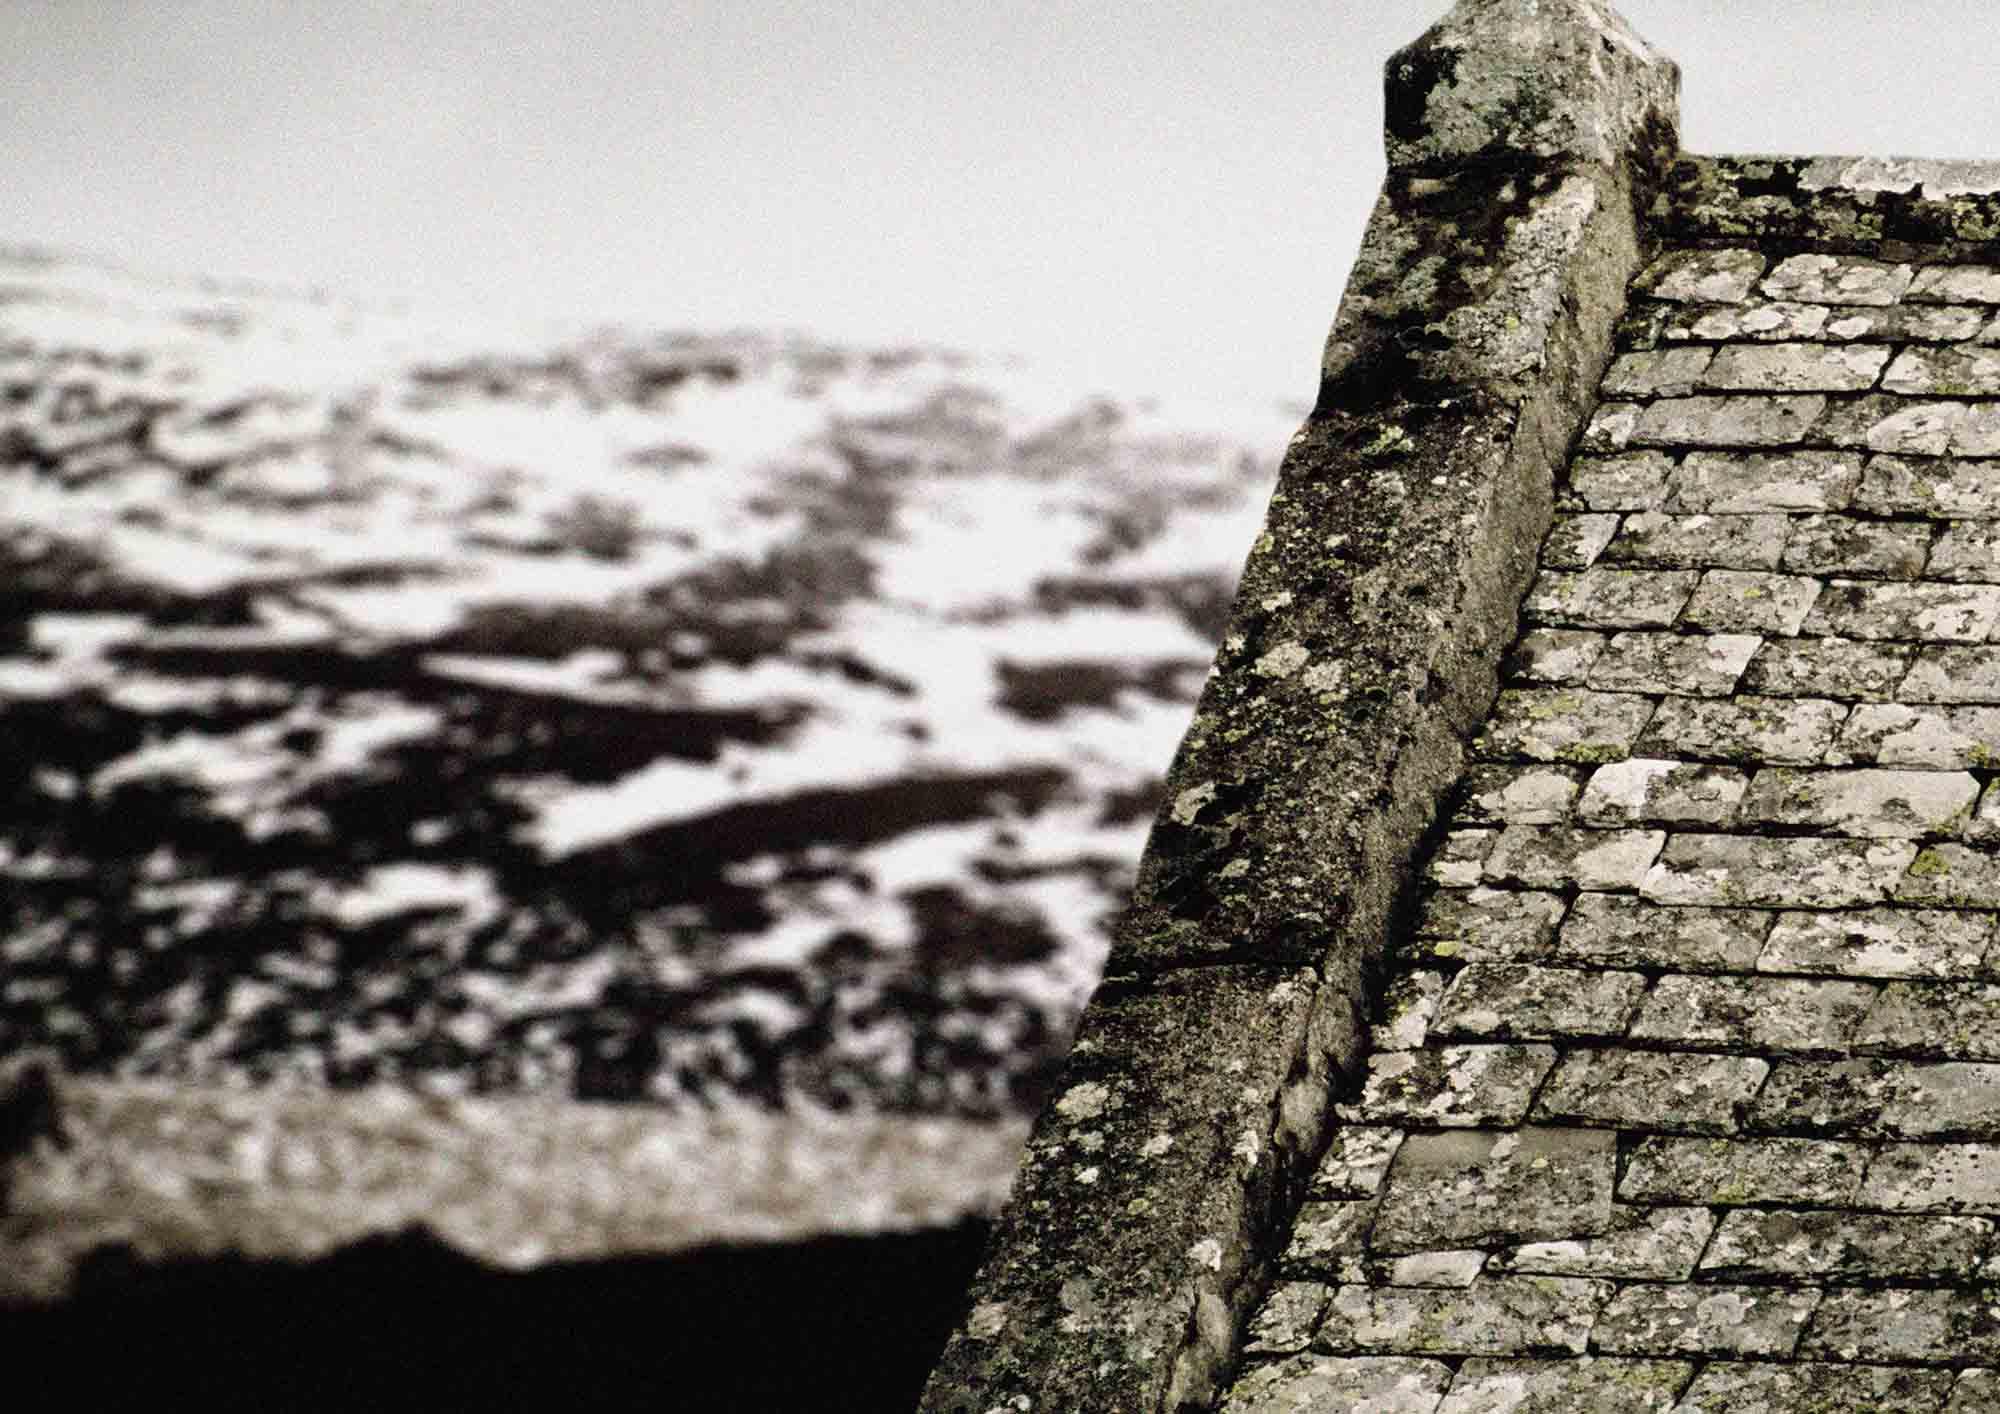 Mountain_Agency_Glasgow_The Glenlivet_003.jpg